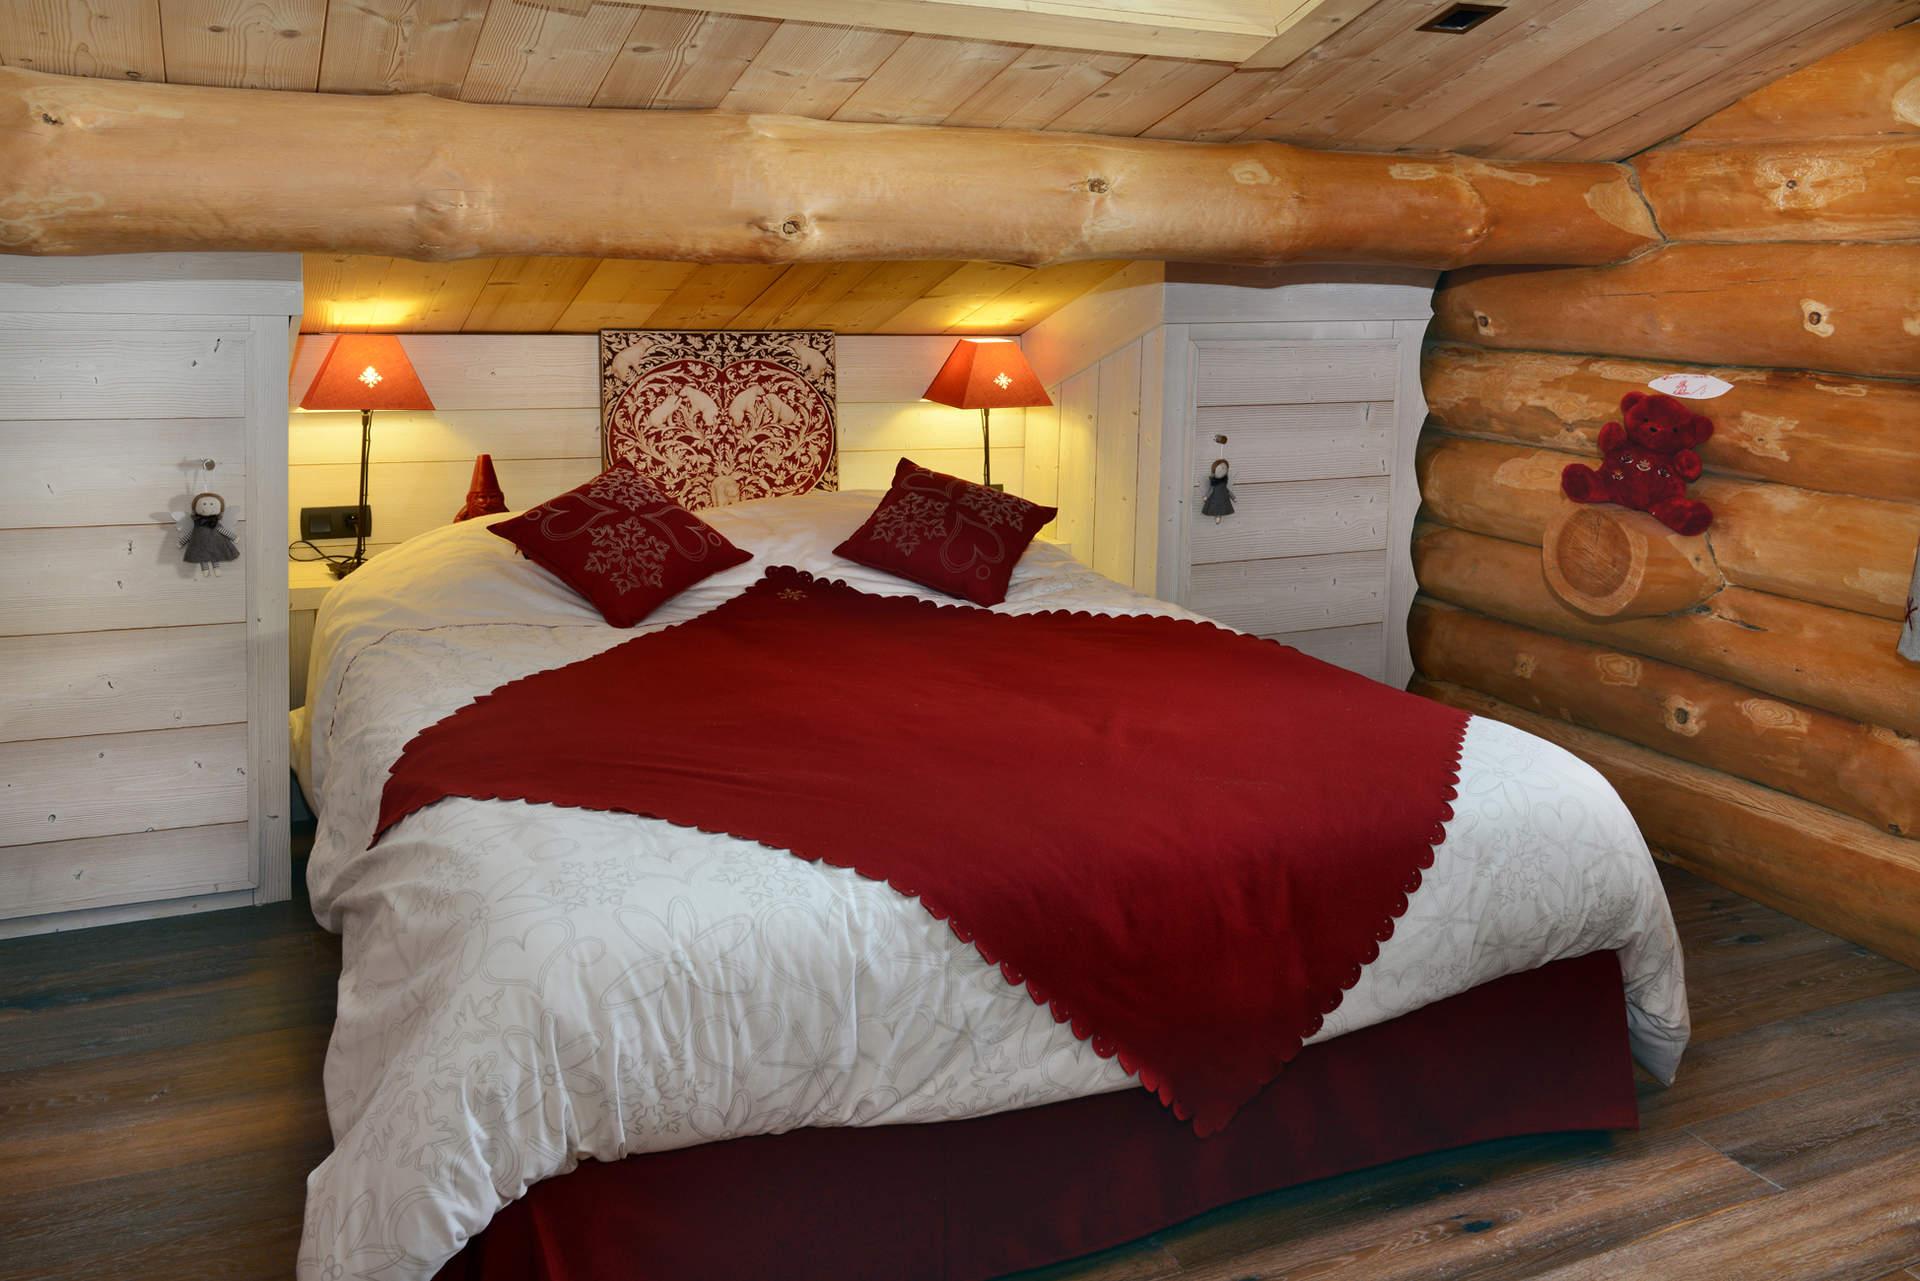 Chambre Style Chalet De Montagne - deco chambre chalet montagne ...